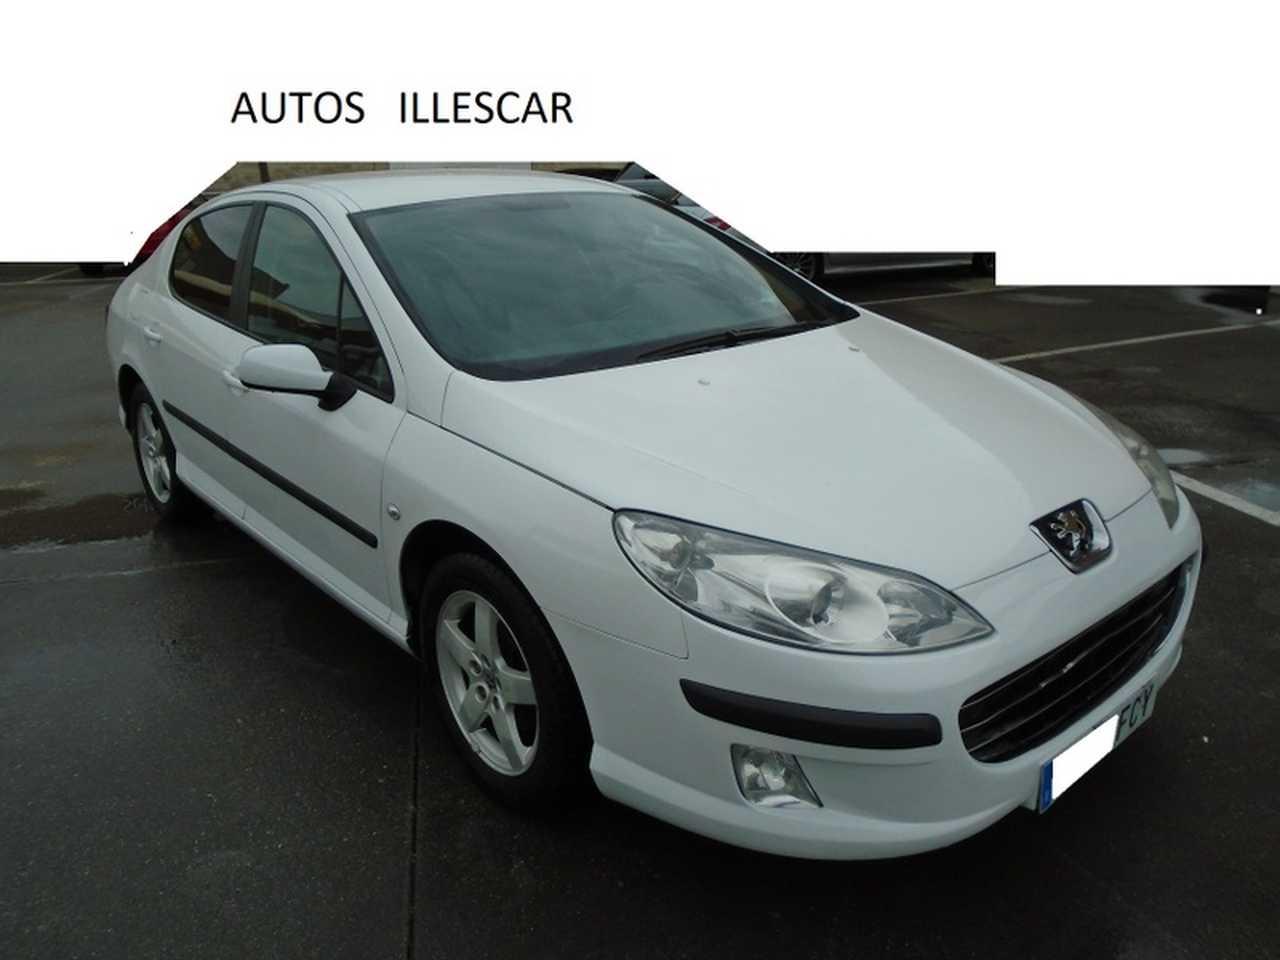 Peugeot 407 1.6 HDI 110 CV ADMITIMOS PRUEBA MECANICA  - Foto 1